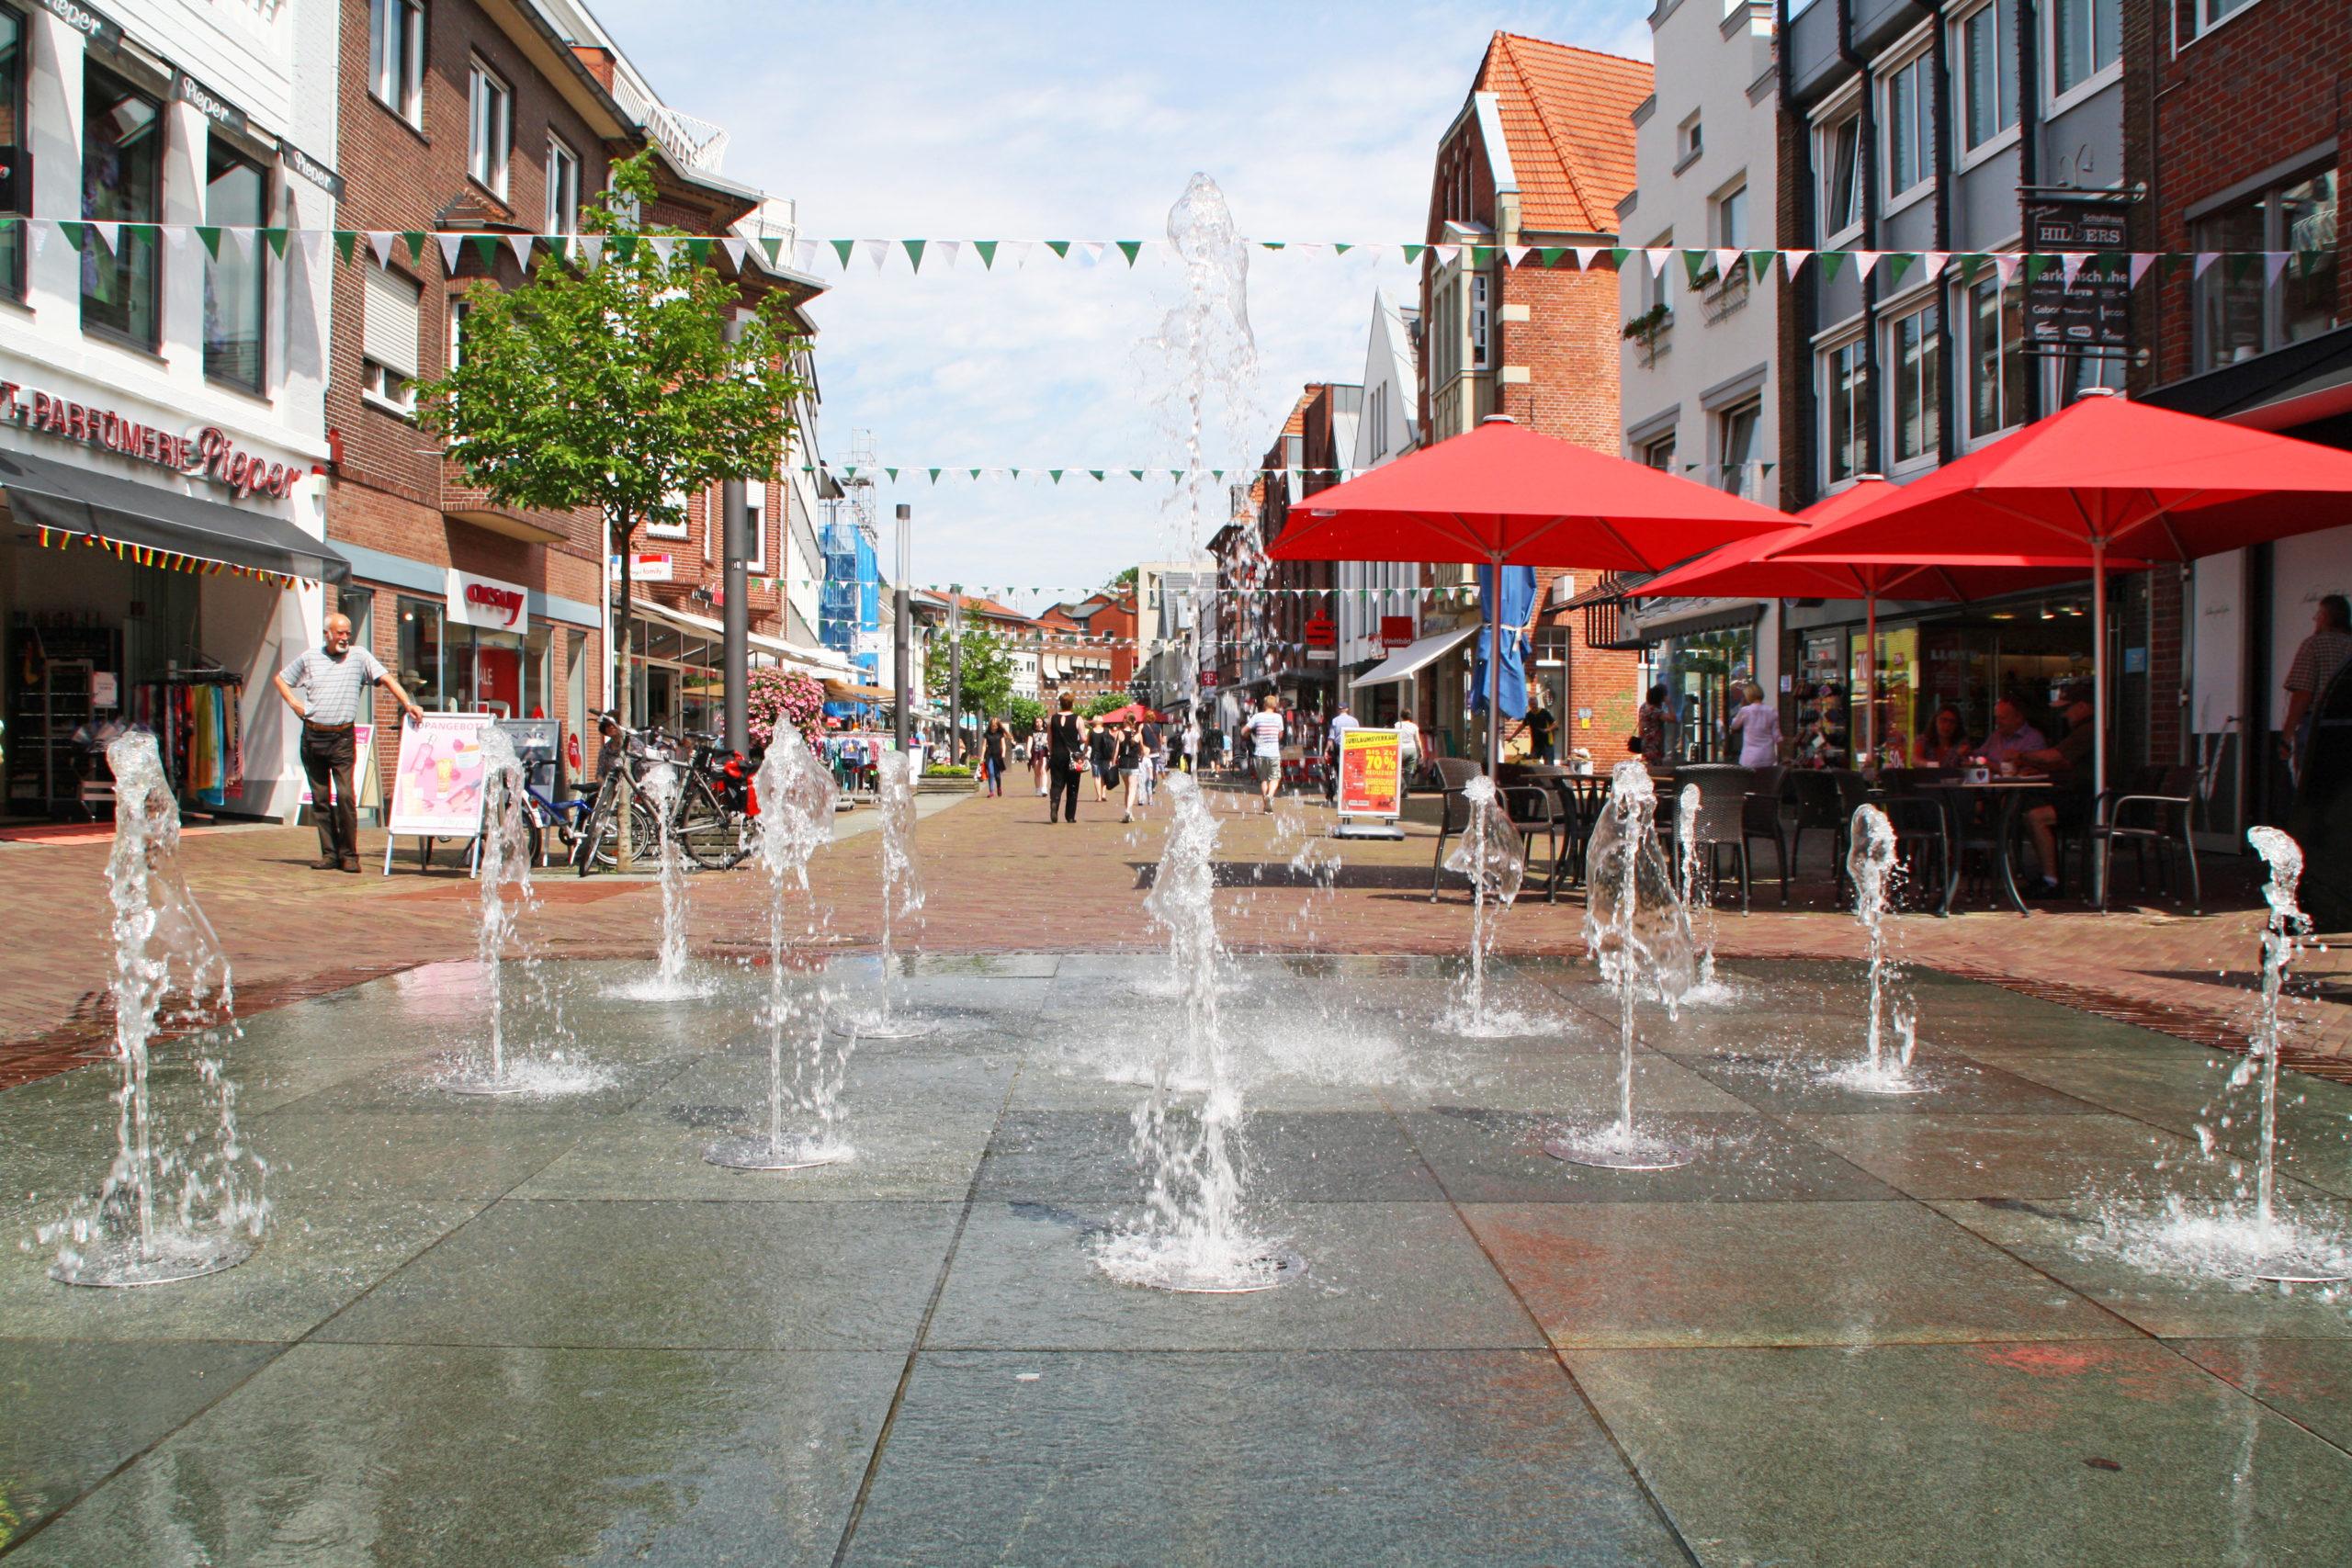 Wasserspielplatz in Nordhorn